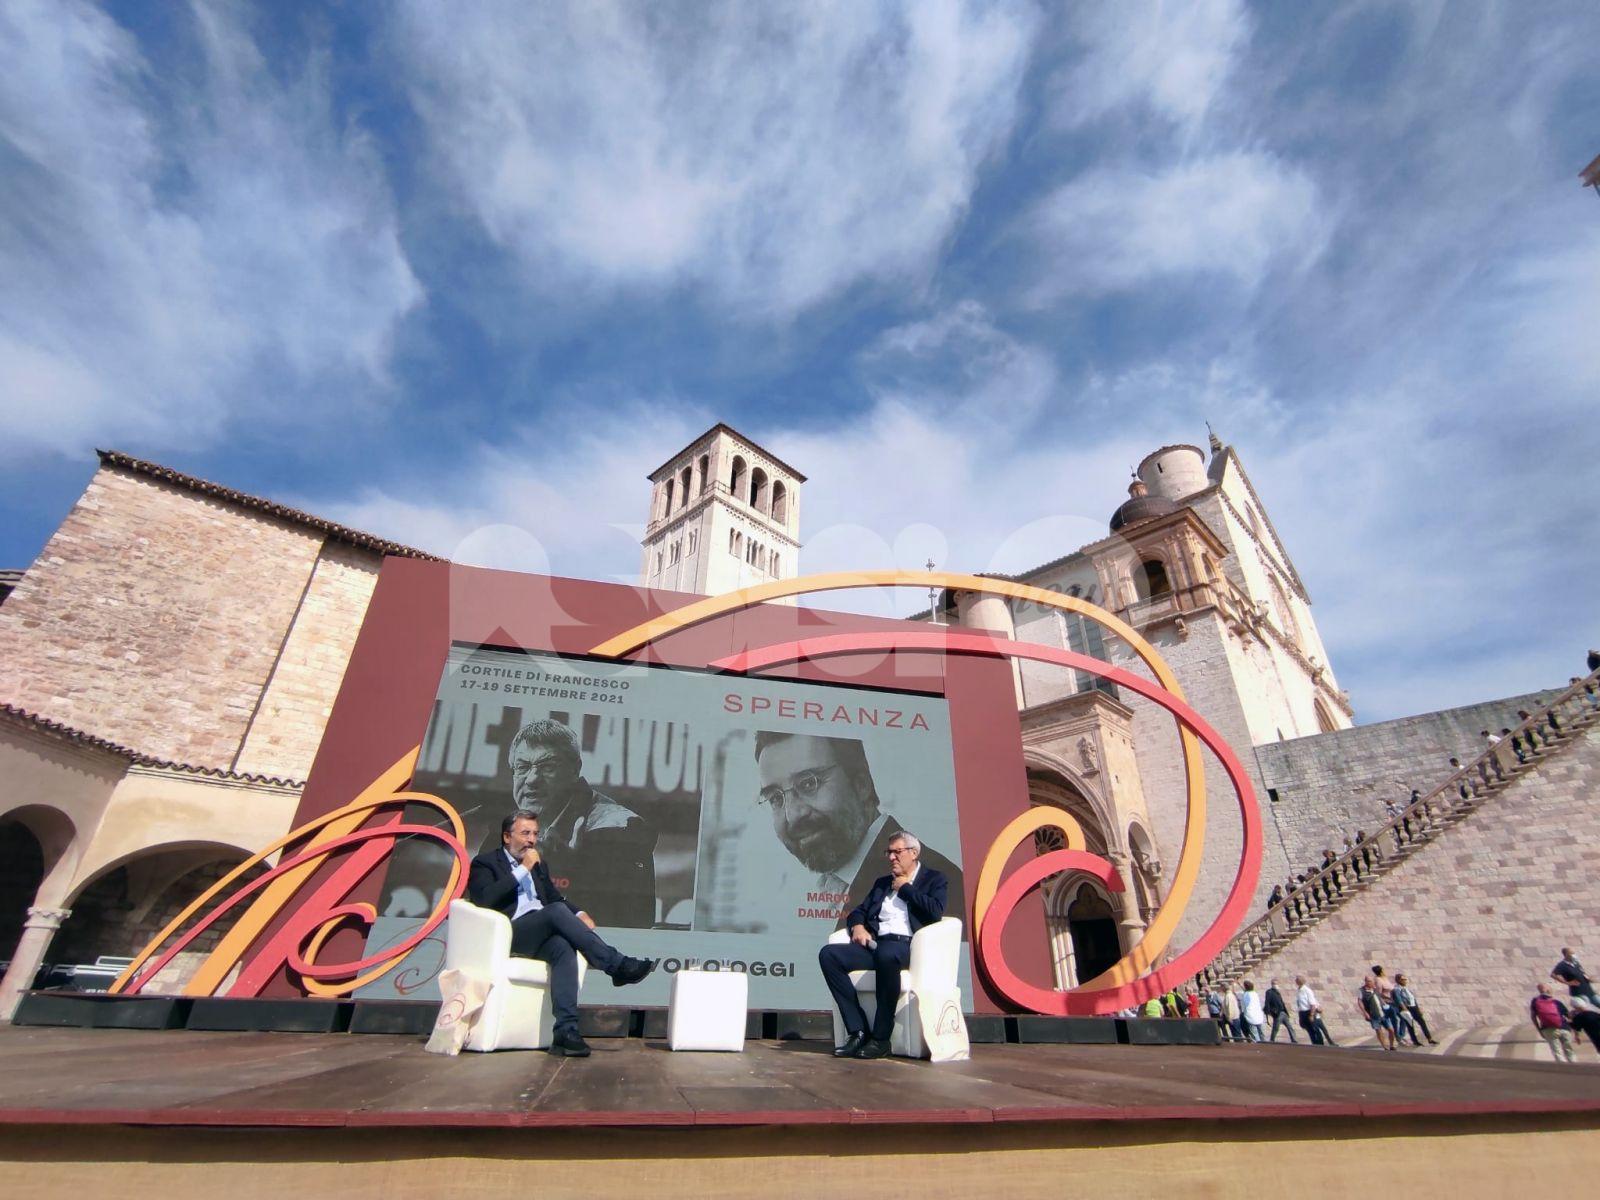 """Cortile di Francesco 2021: """"Successo di pubblico è segno di normalità"""""""